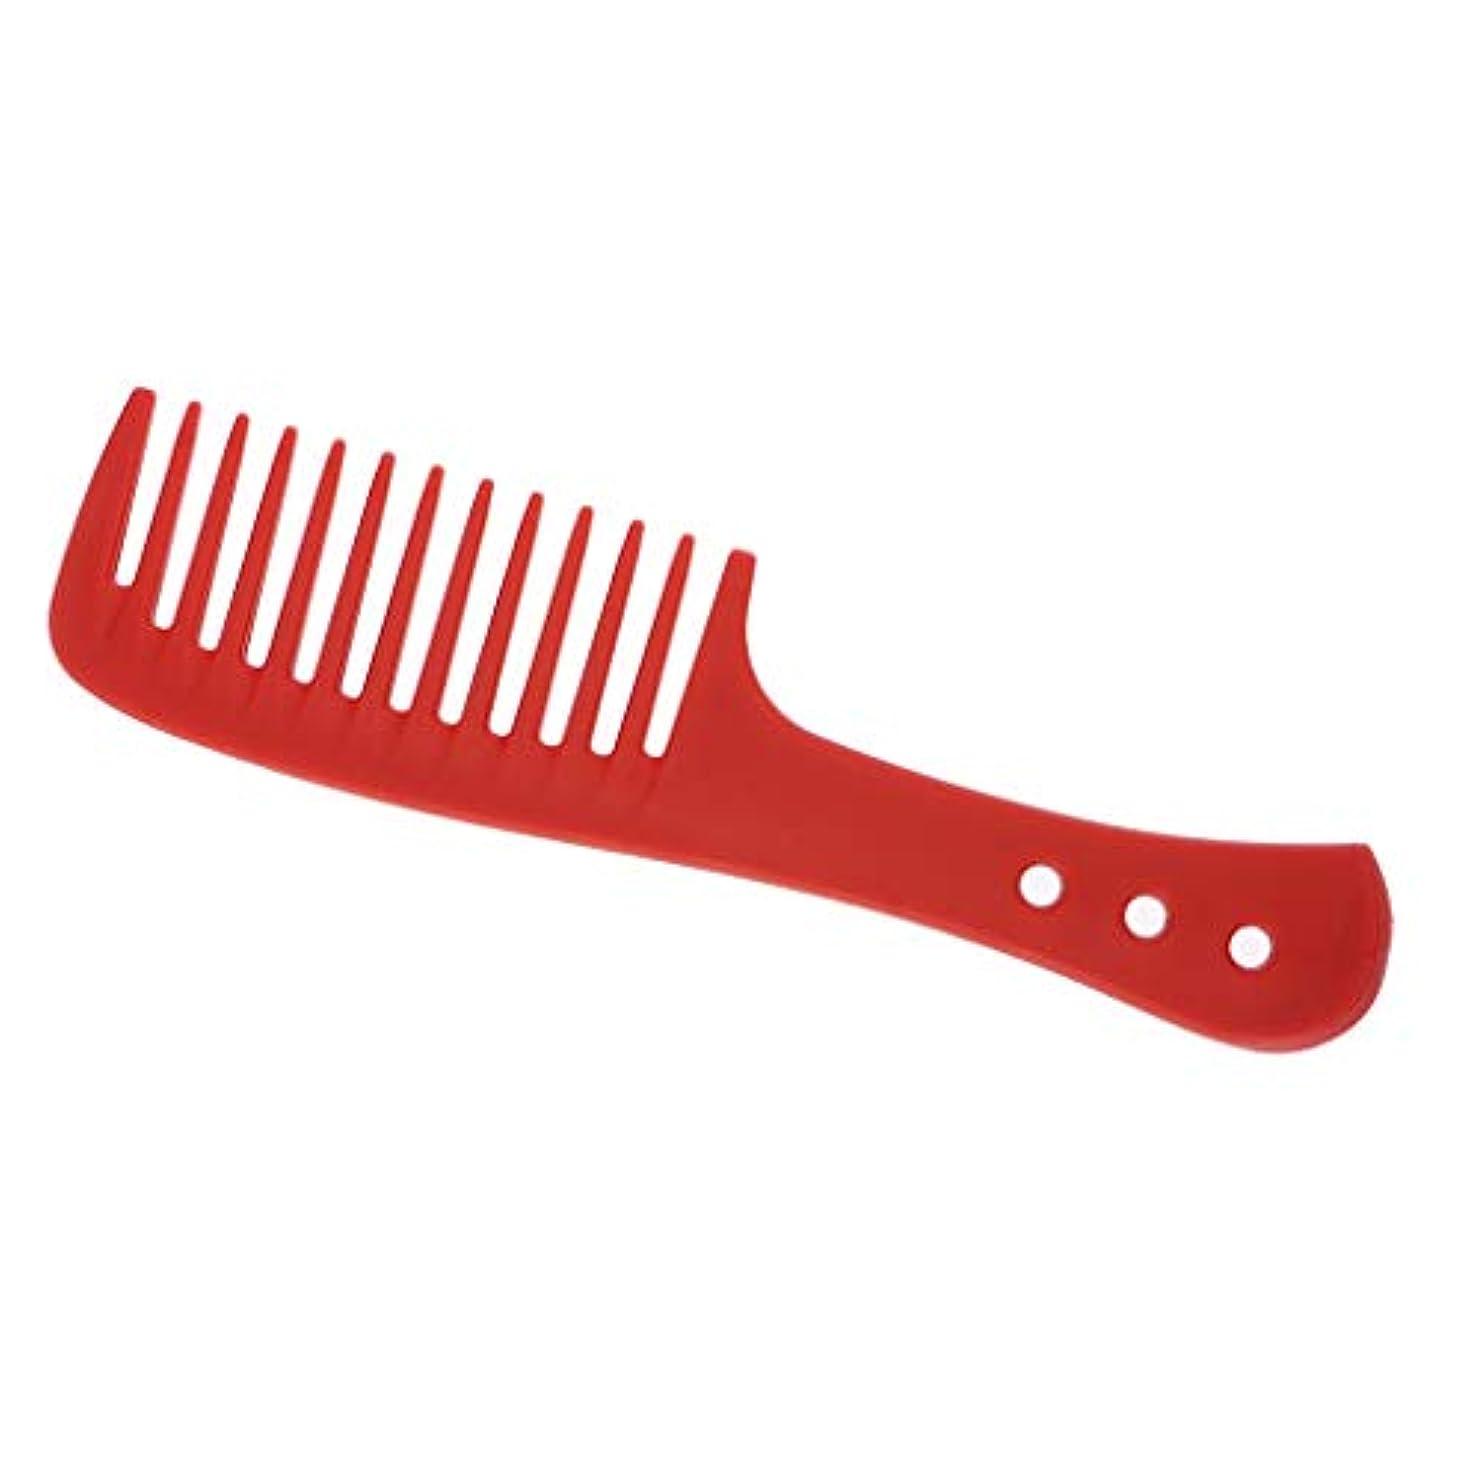 カフェテリア持続的告白櫛 ヘアブラシ ヘアコーム 広い歯 耐久性 耐熱性 帯電防止 4色選べ - 赤